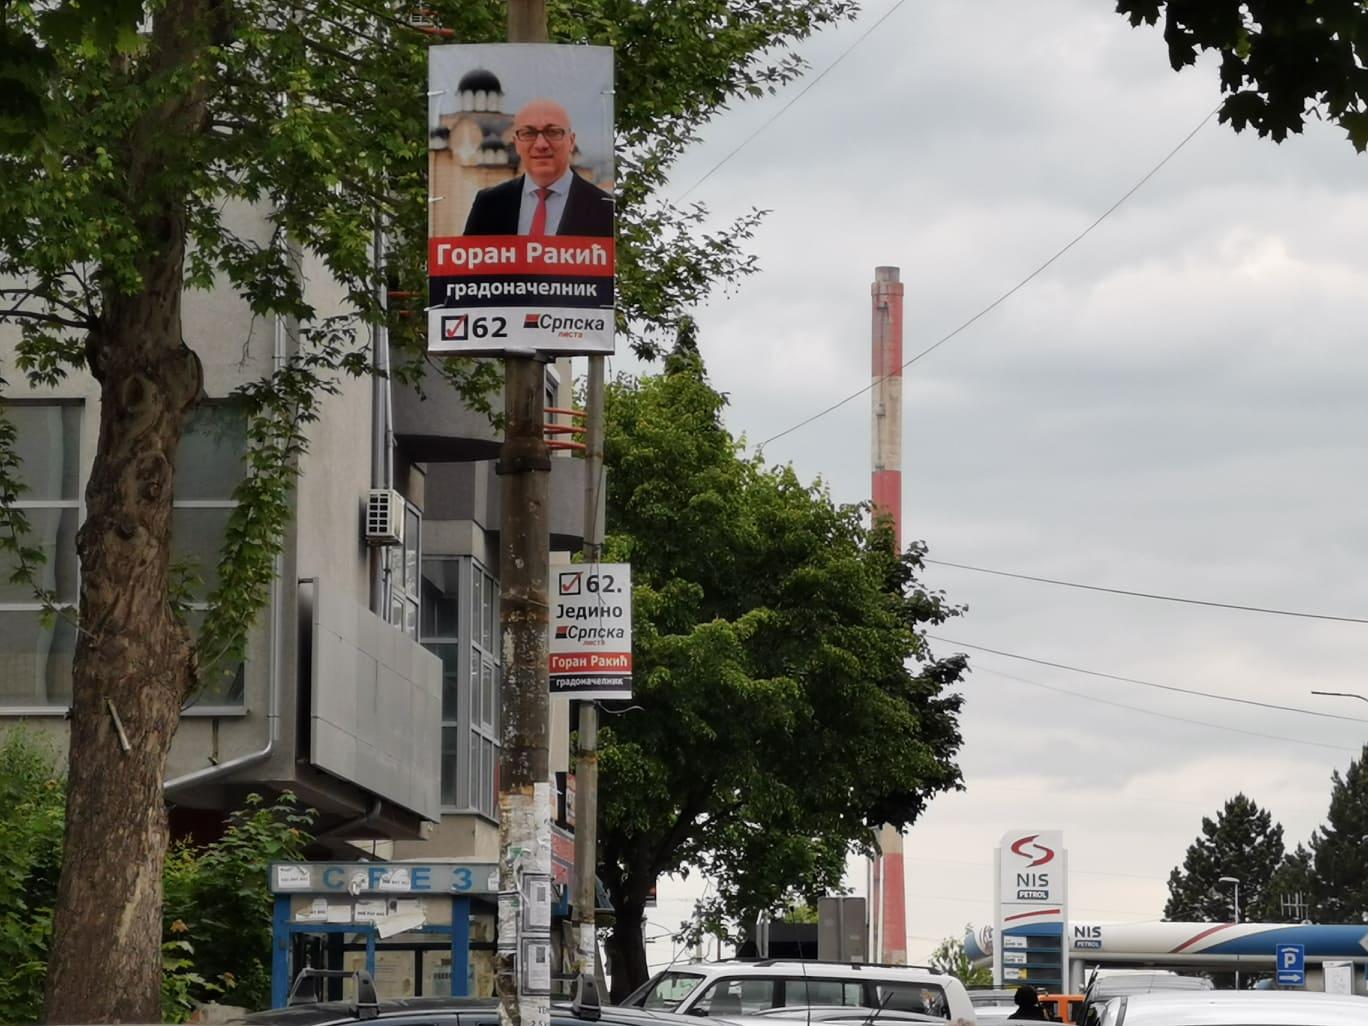 Izborna kampanja, poster Srpske liste, Goran Rakić izbori za gradonačelnika 2019